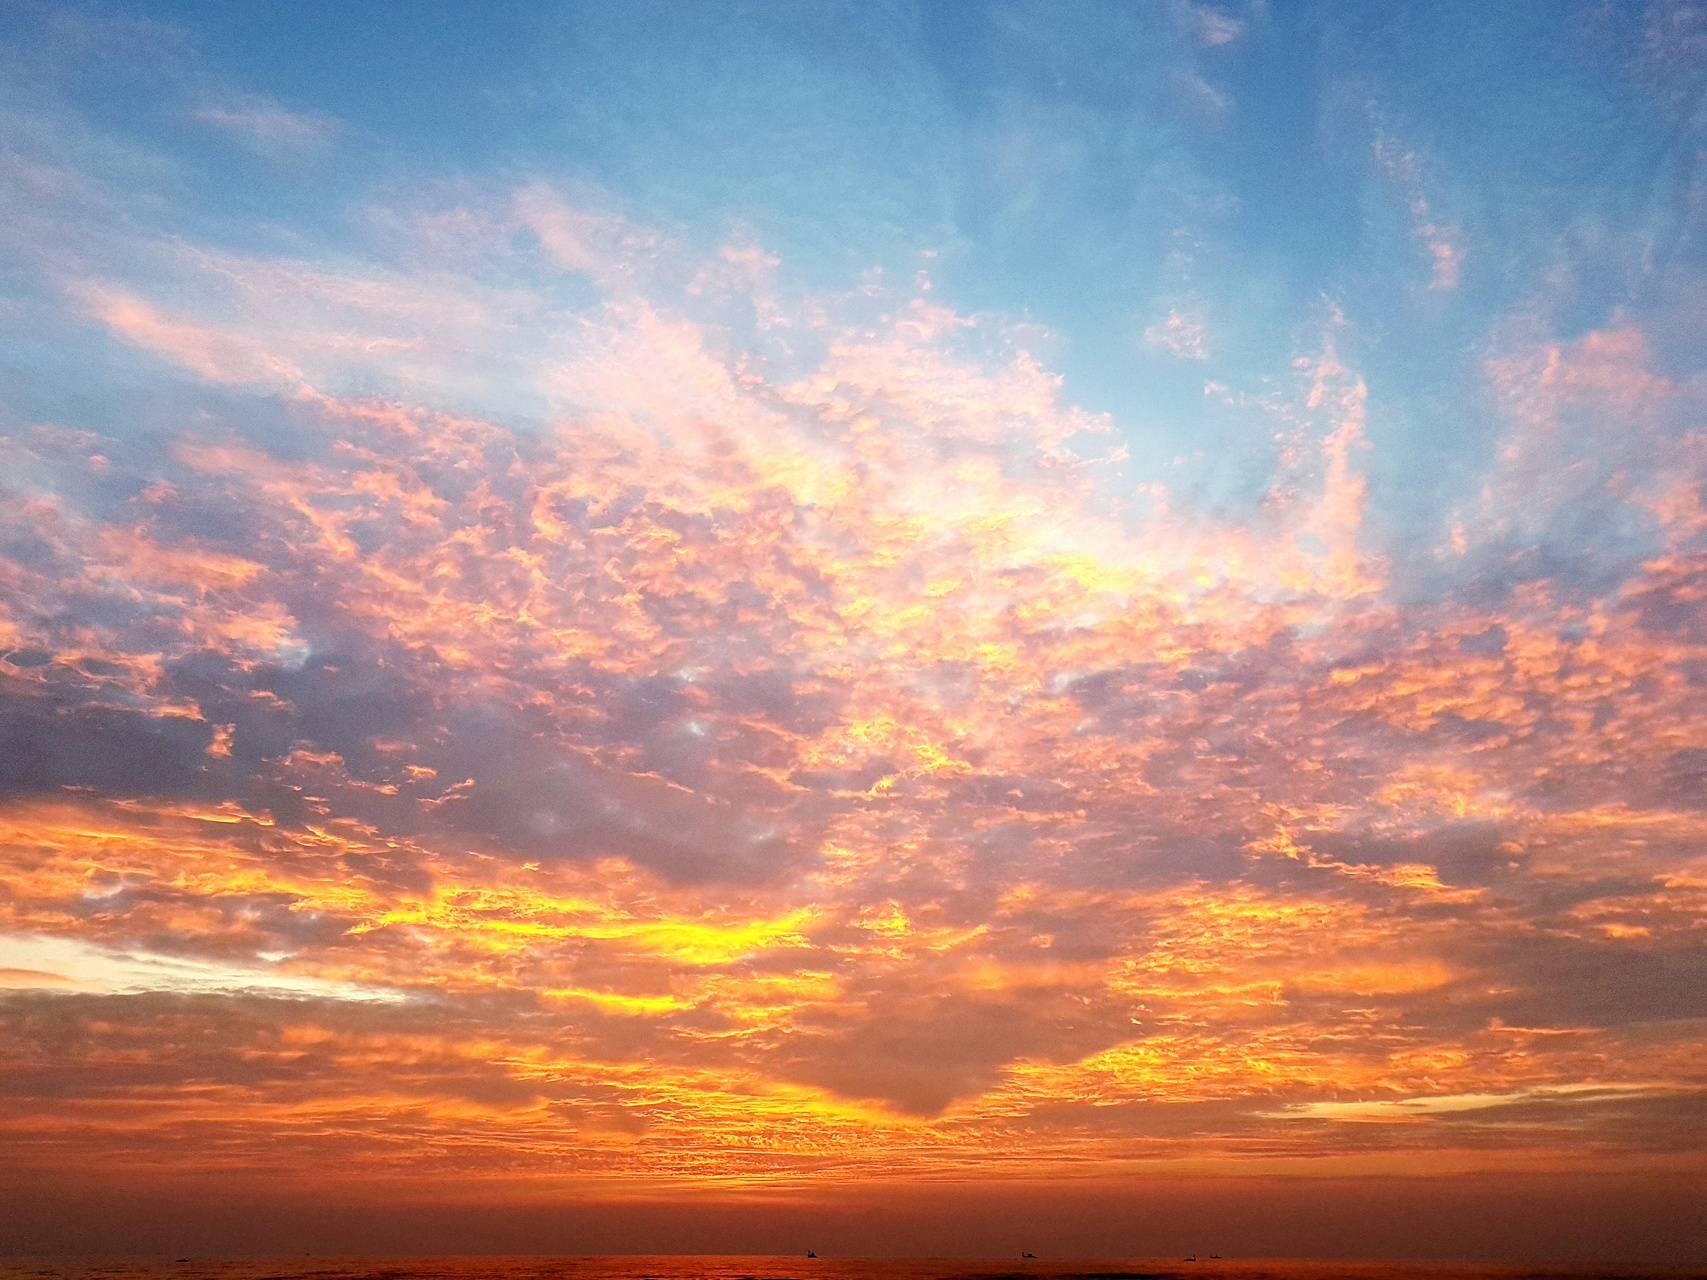 Beach sunset clouds